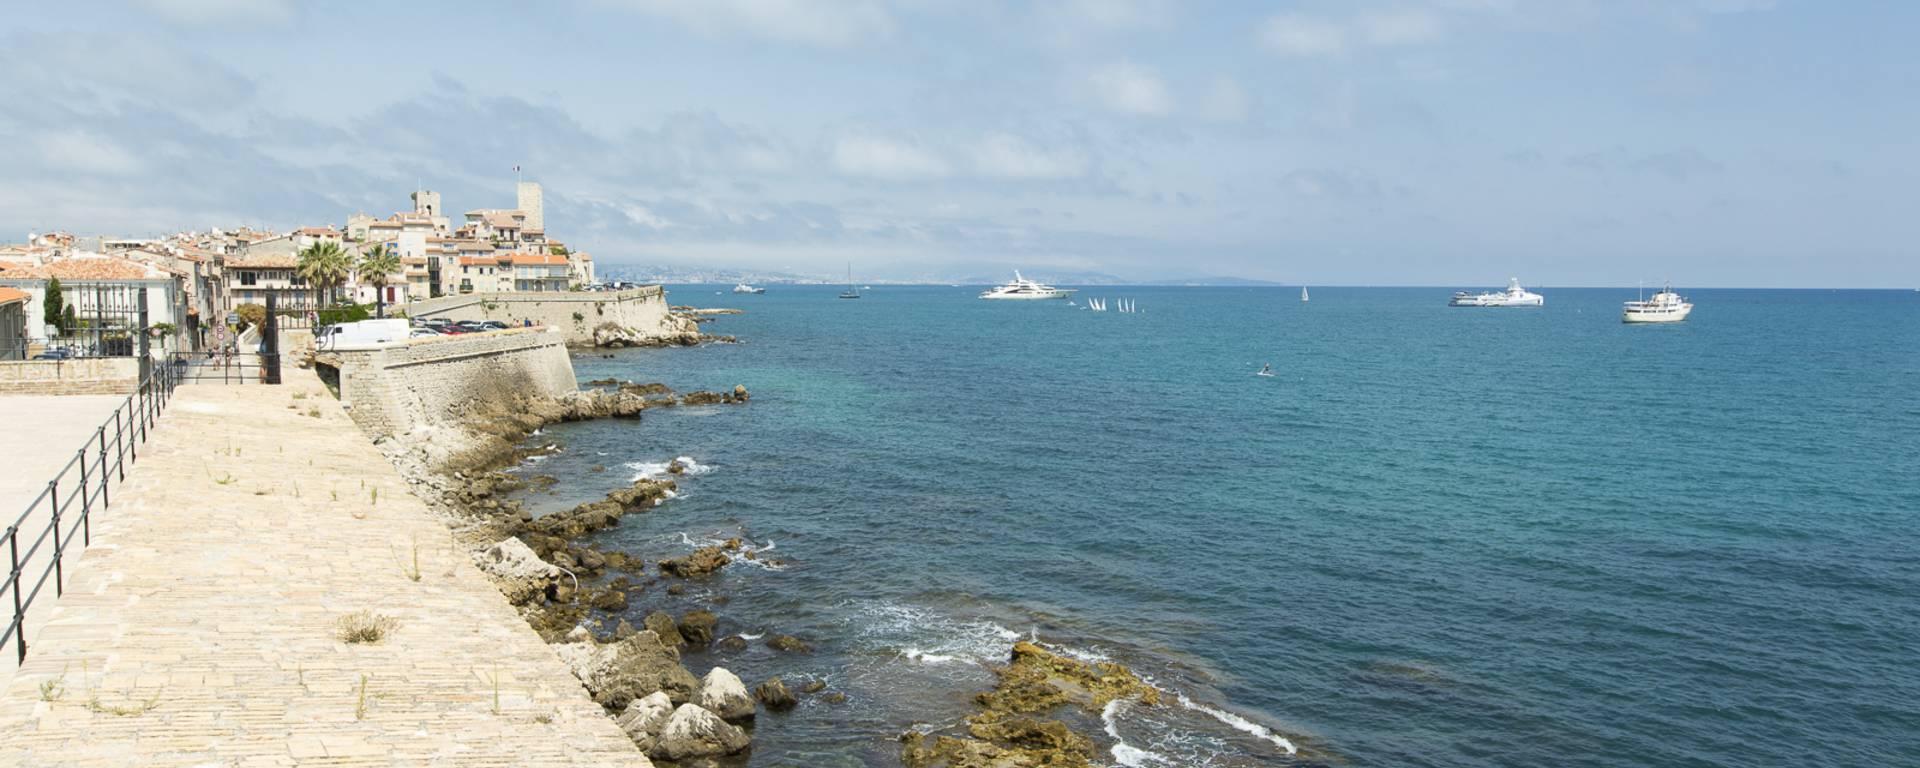 Antibes, les remparts ©Gilles Lefrancq